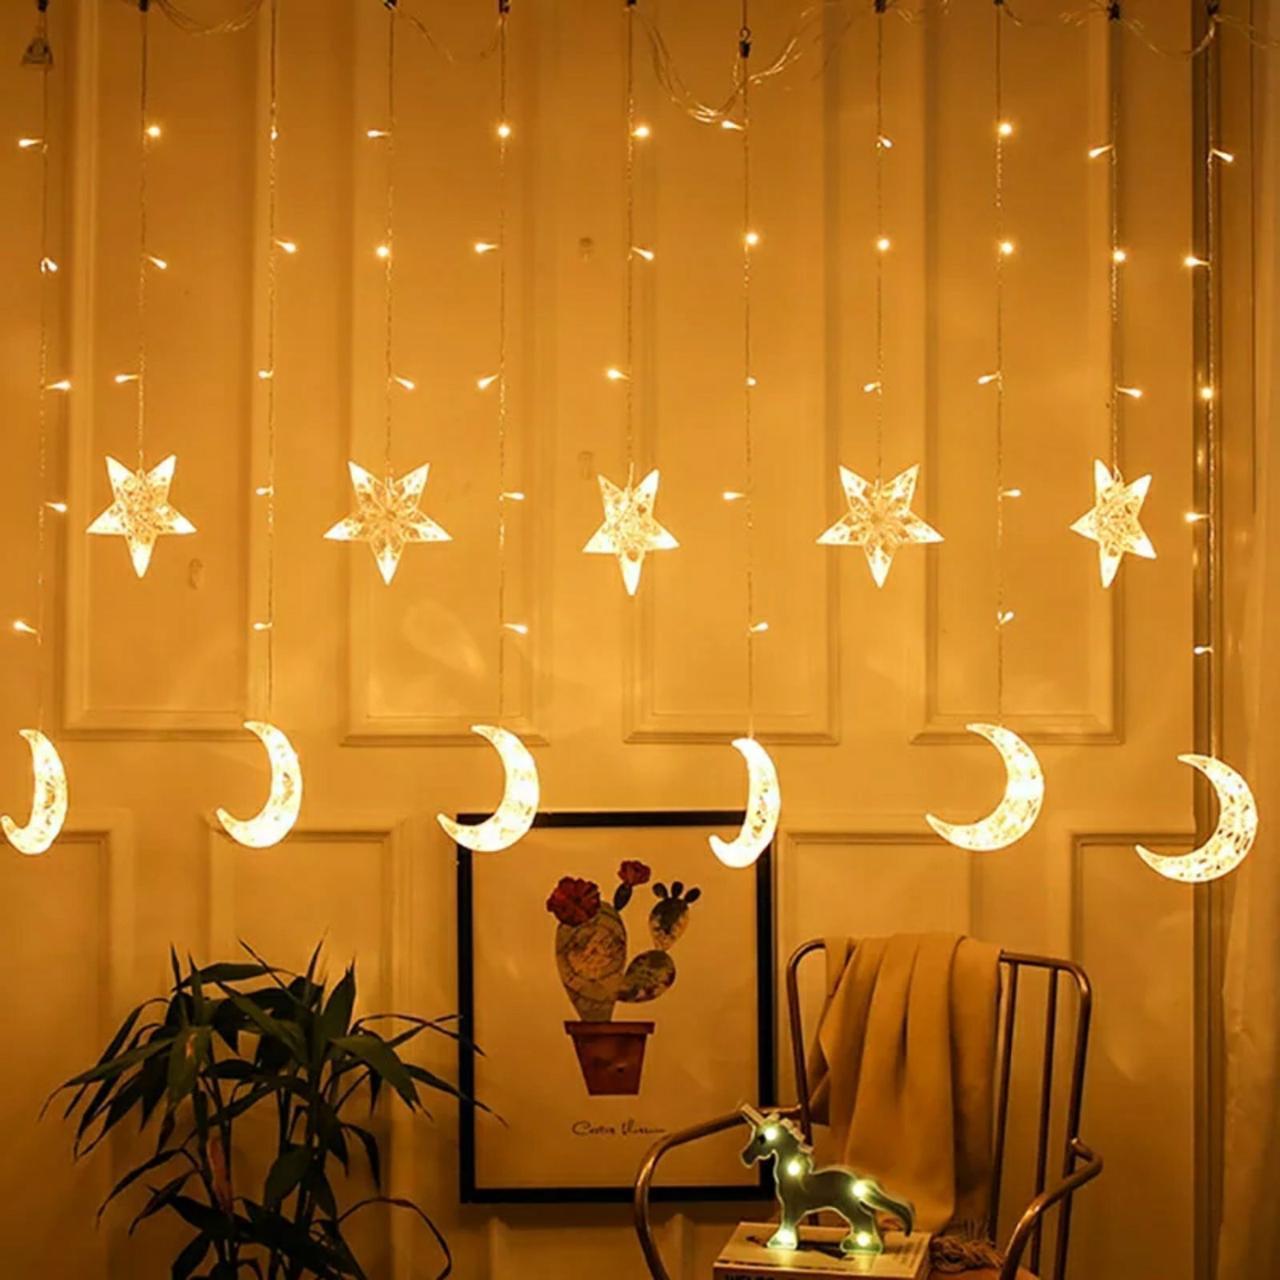 """Ночник в комнату """"Луна и звёзды"""" 138 LED, 3 м, Теплый белый, от сети, 8 режимов"""